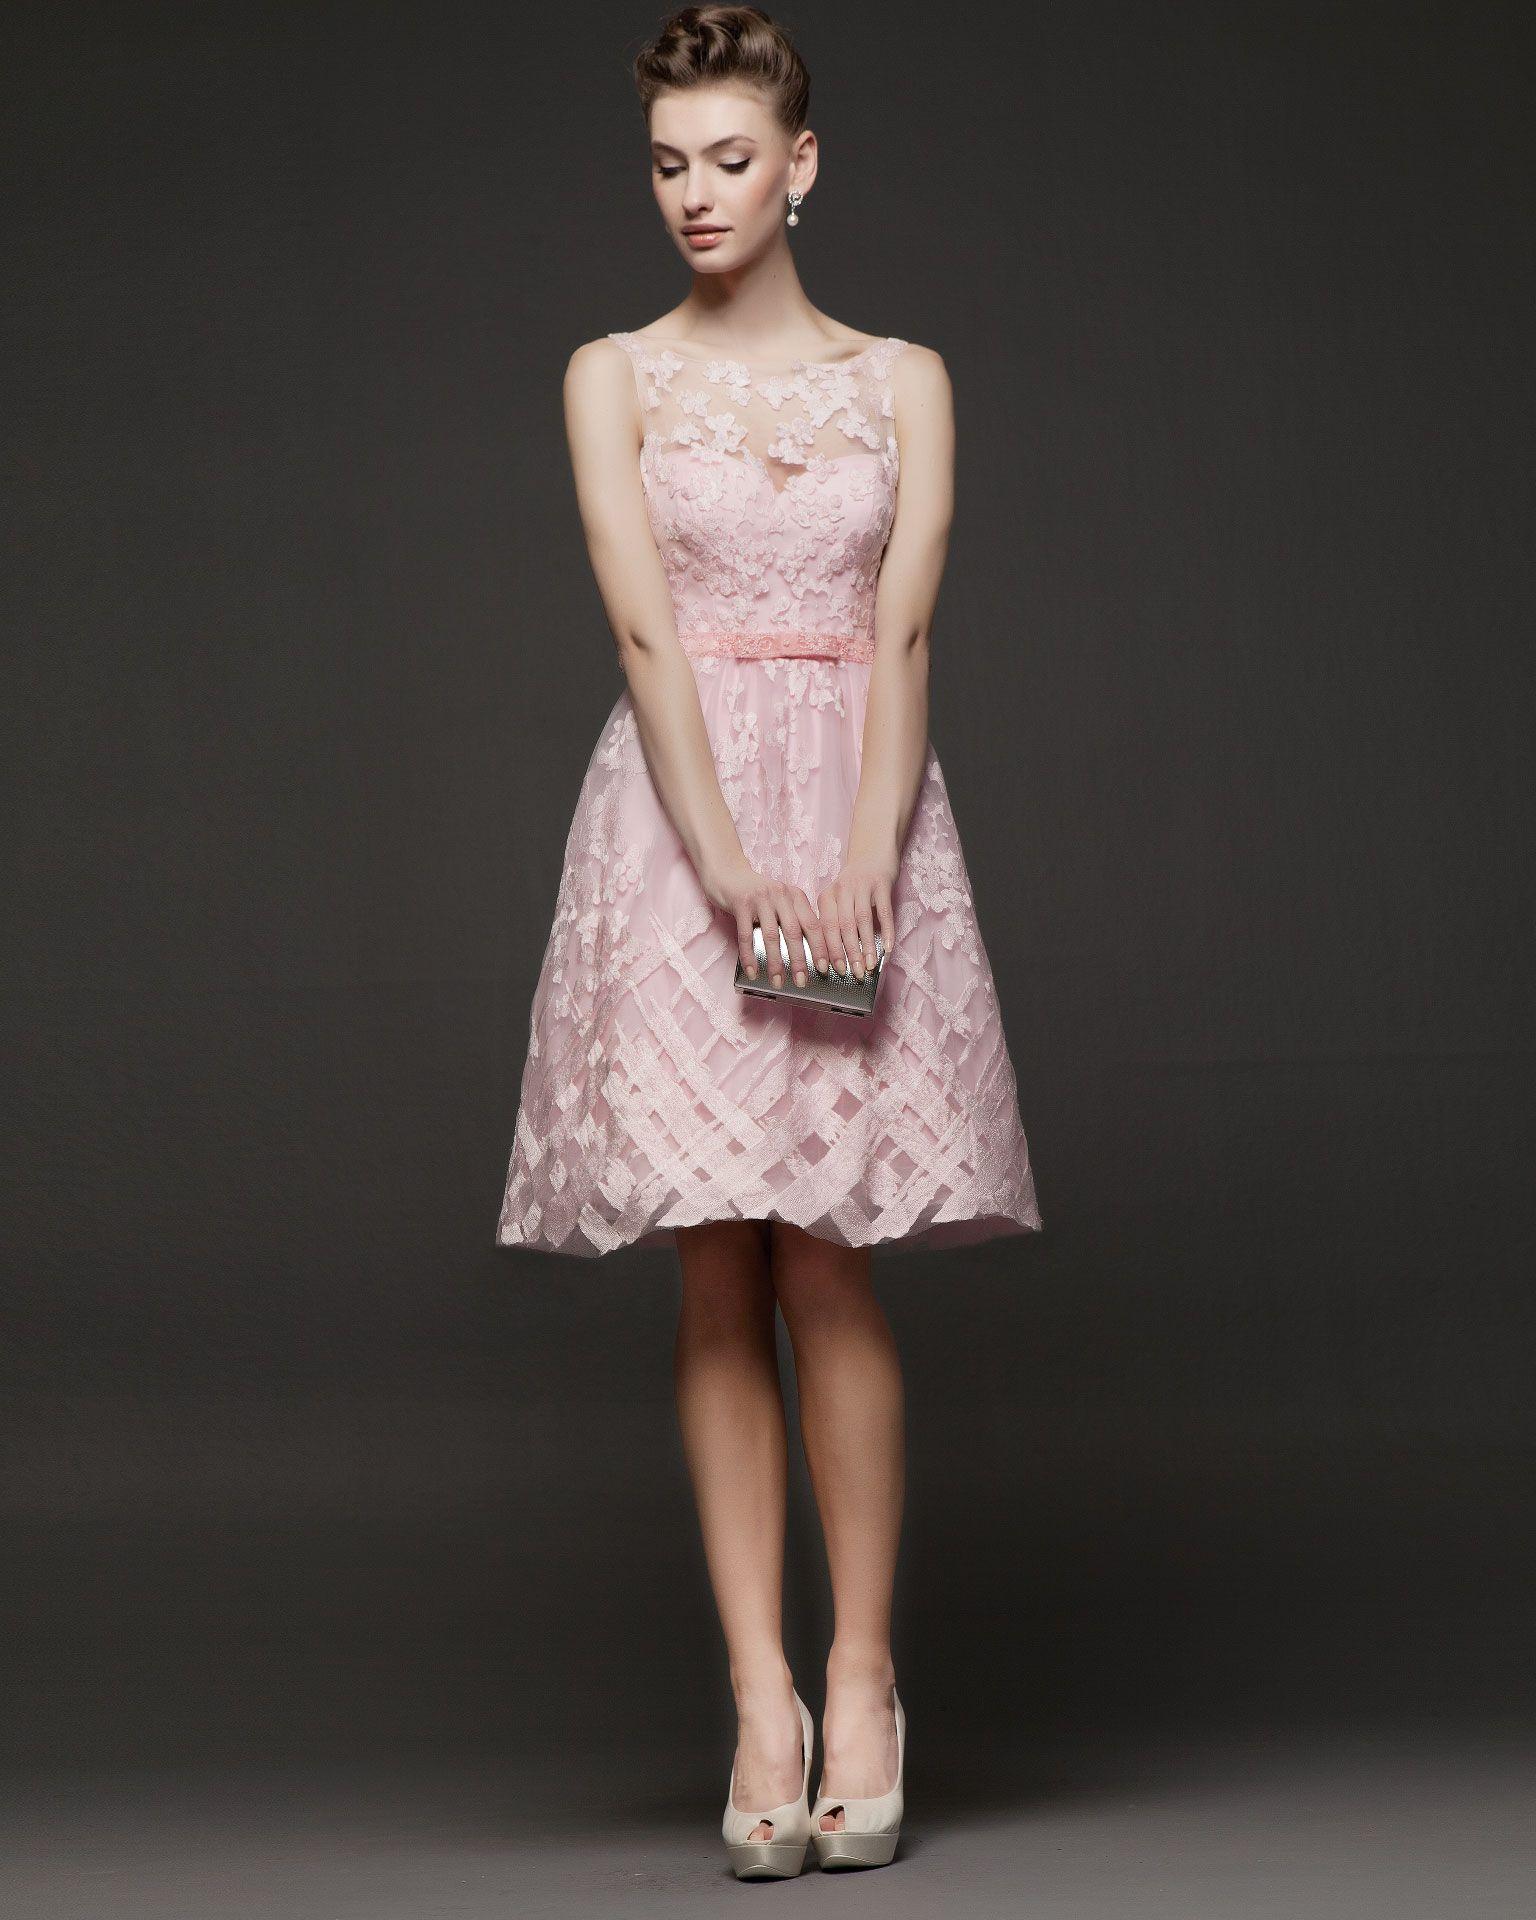 Vestidos de fiesta cortos rosa clara 2014